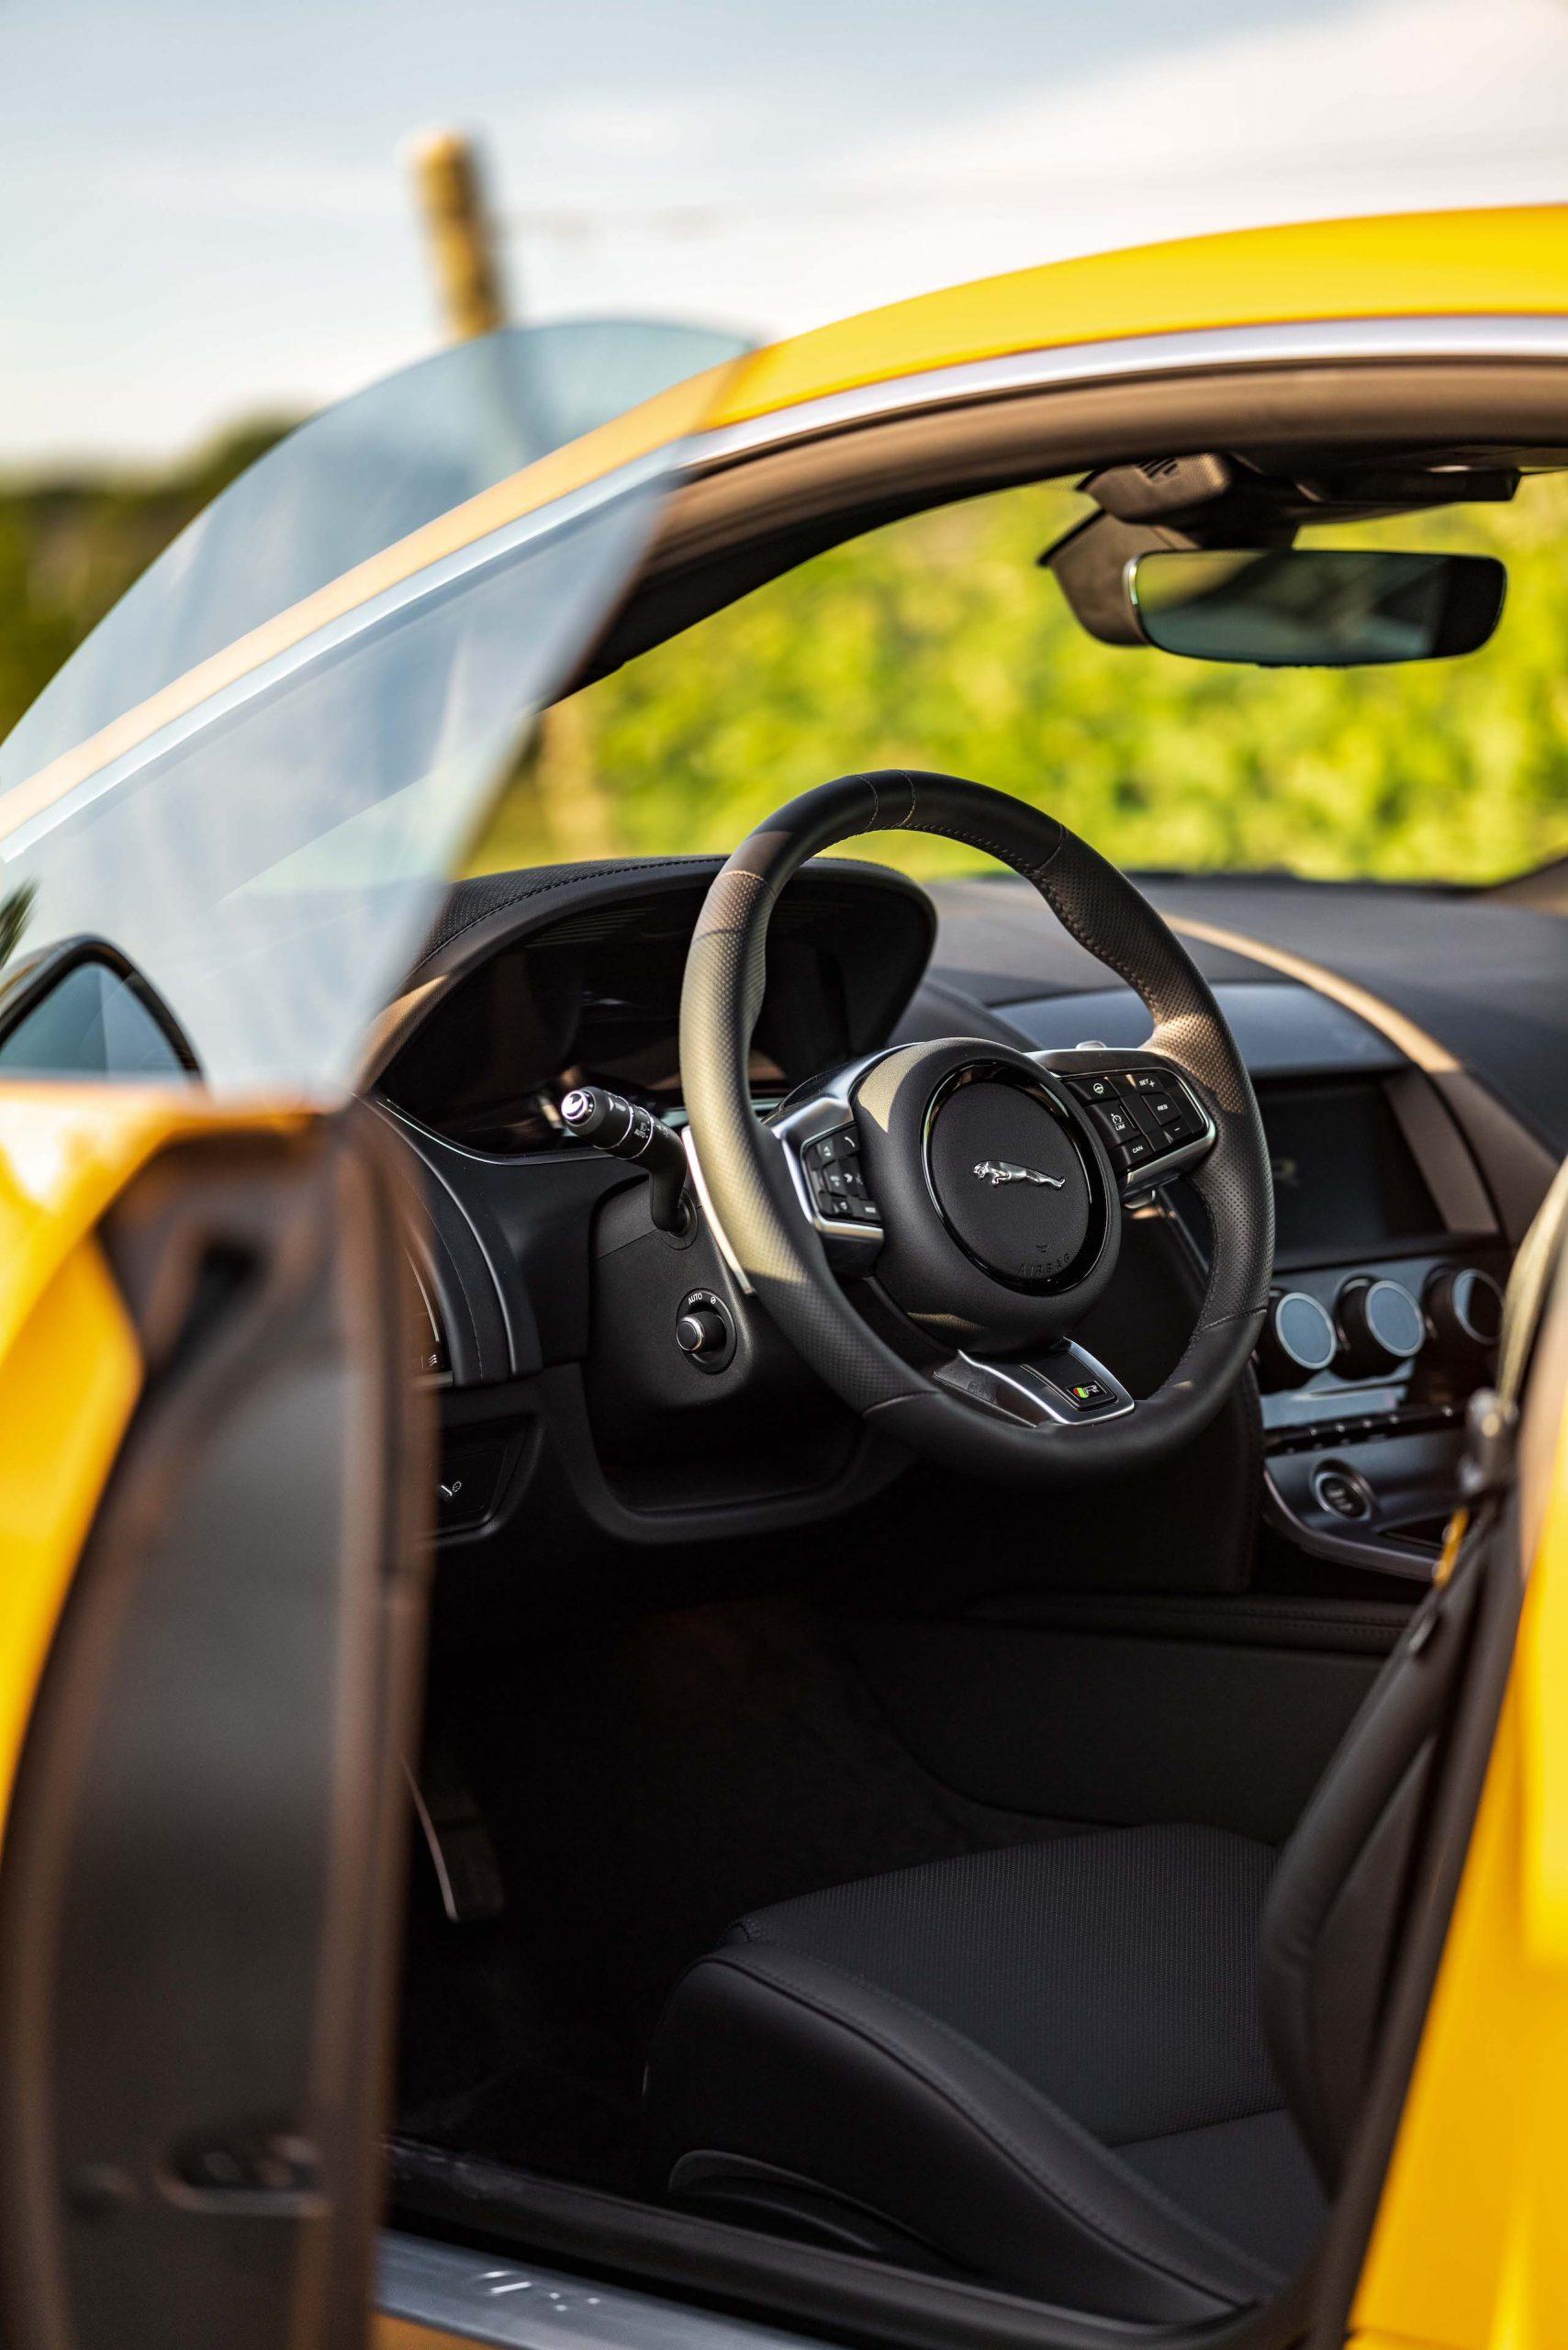 2021 Jaguar F-TYPE_R Coupe interior door open